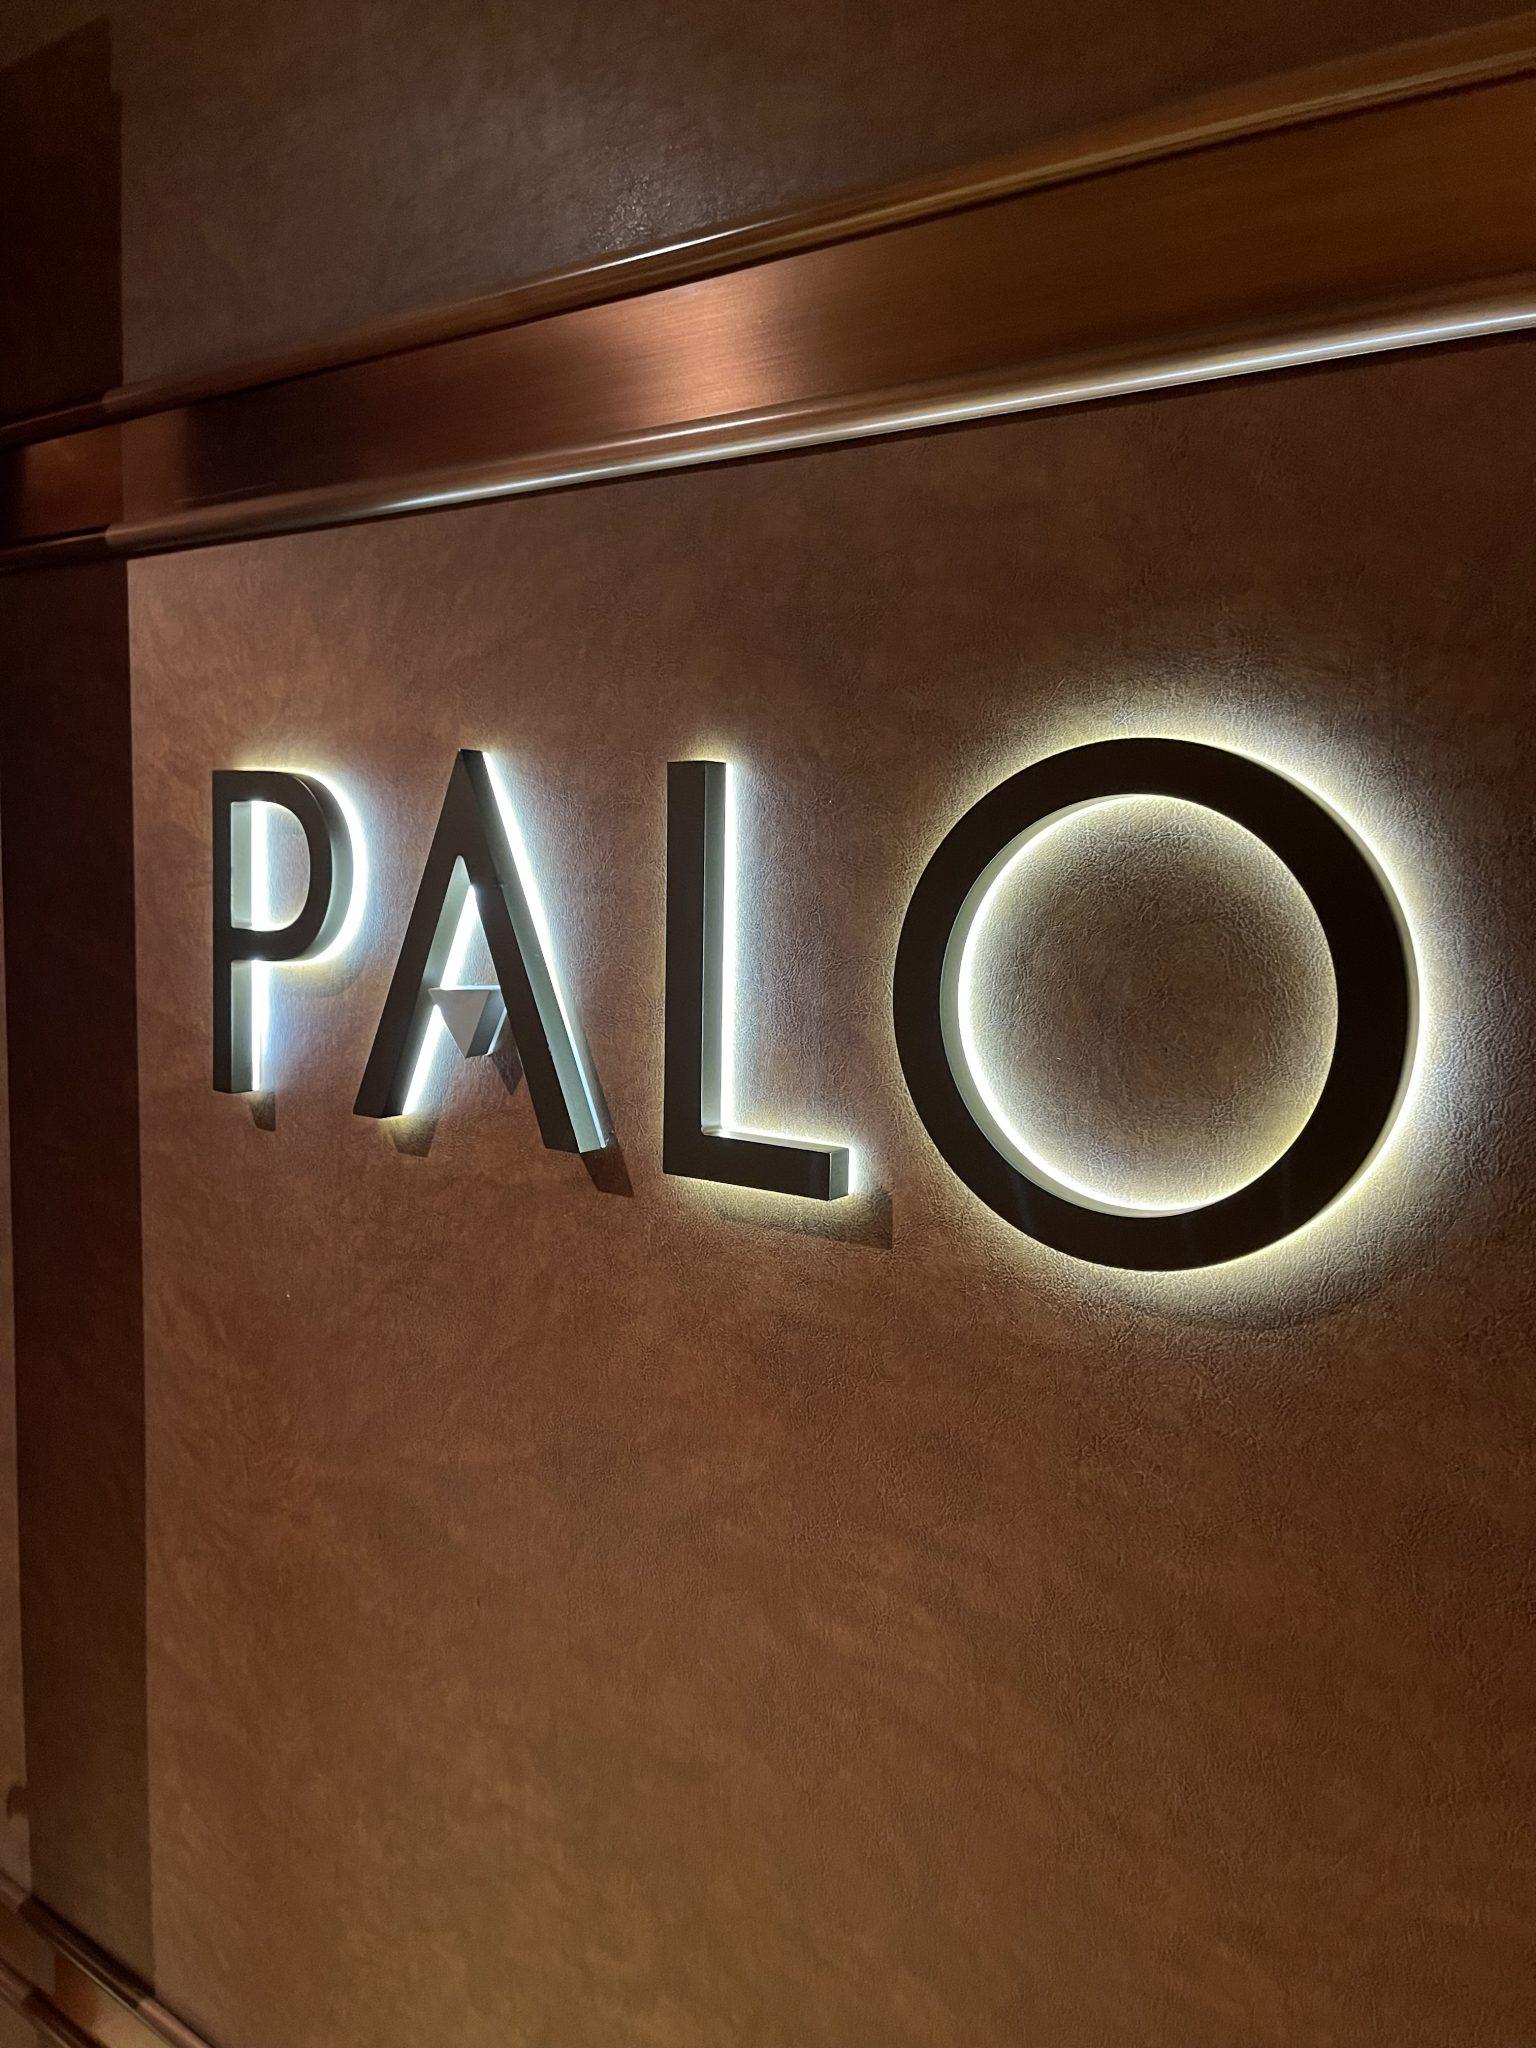 Disney cruise - Palo